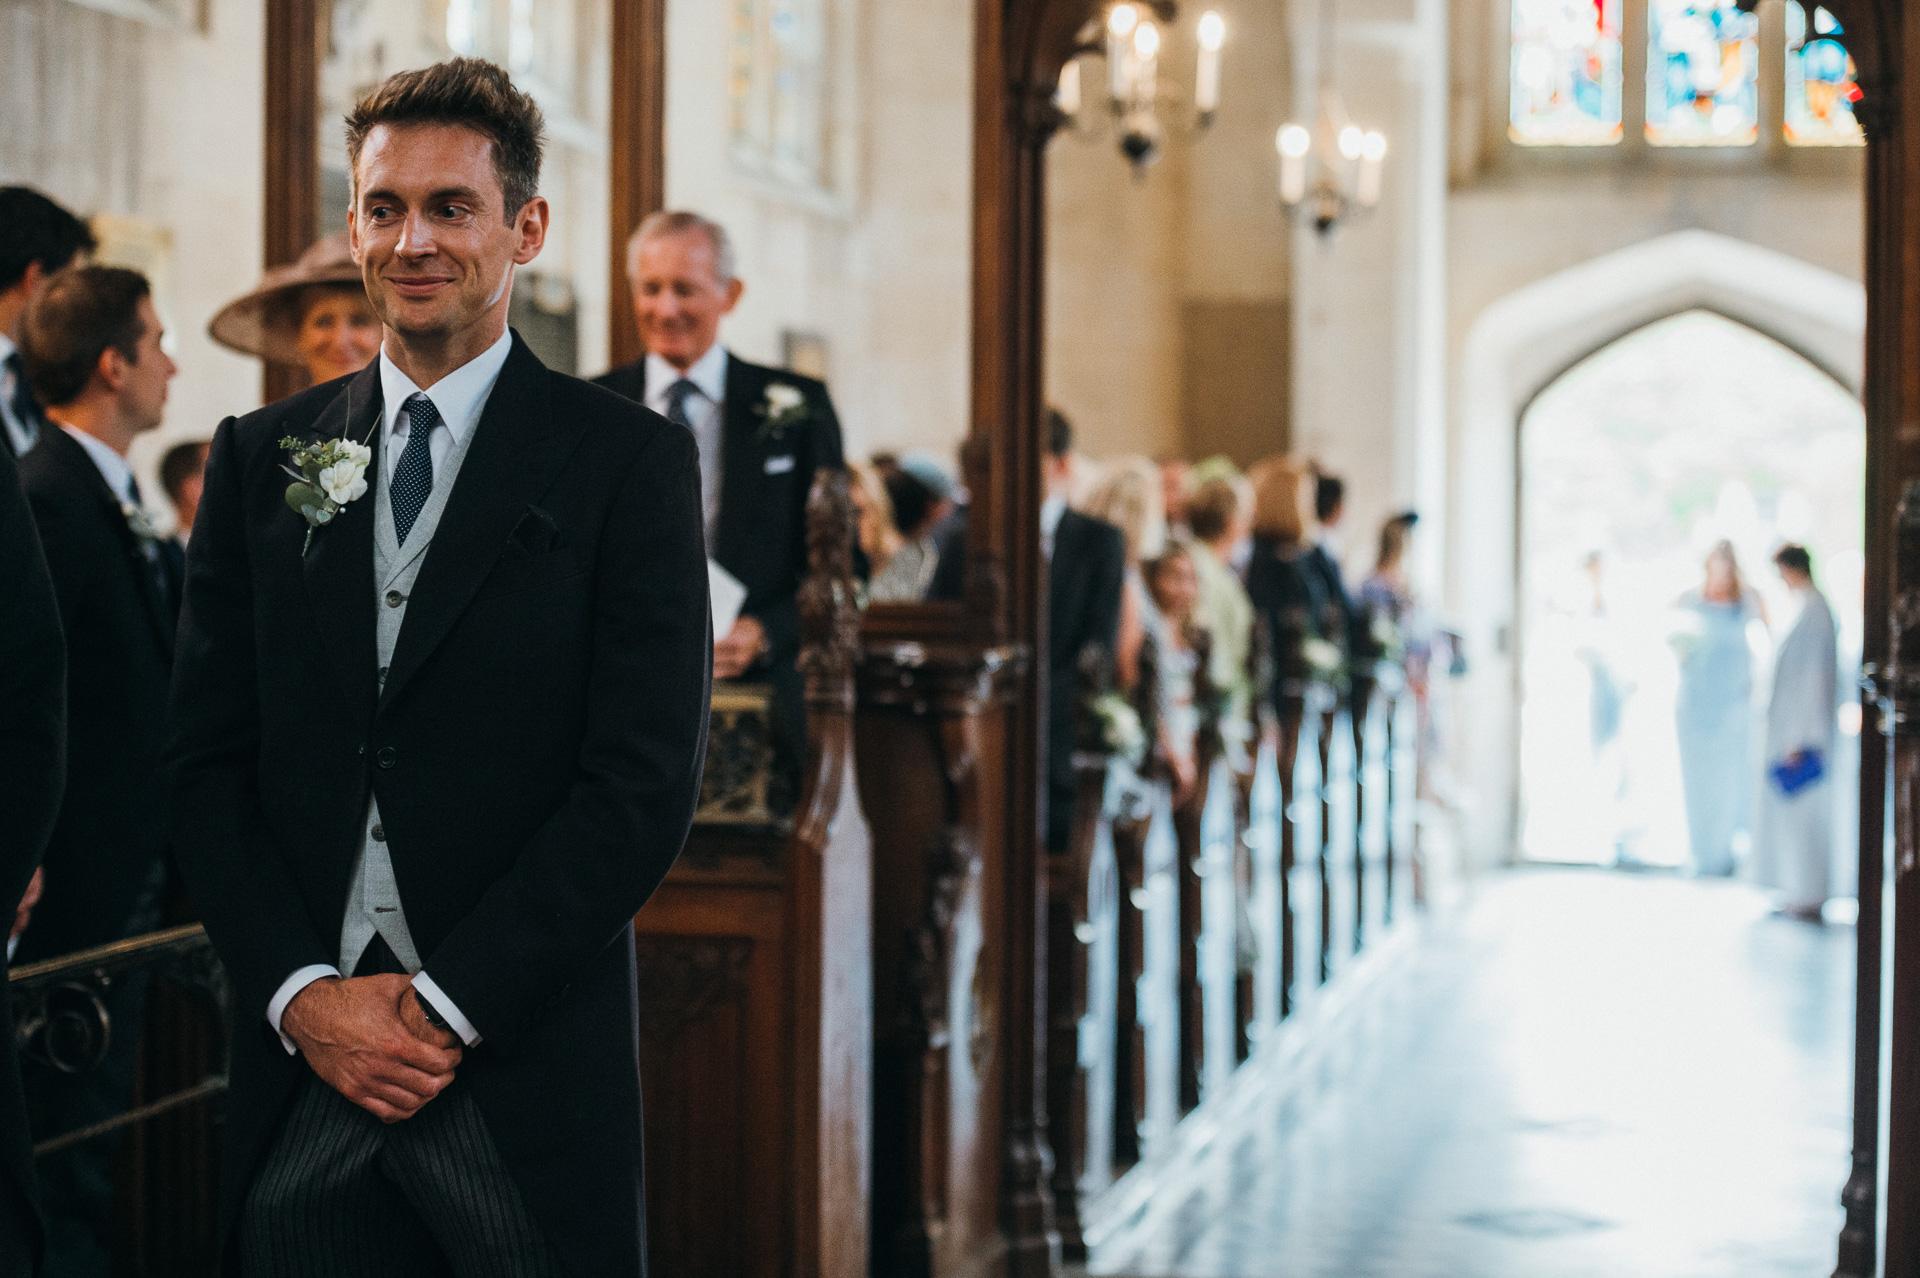 Sudeley castle church wedding